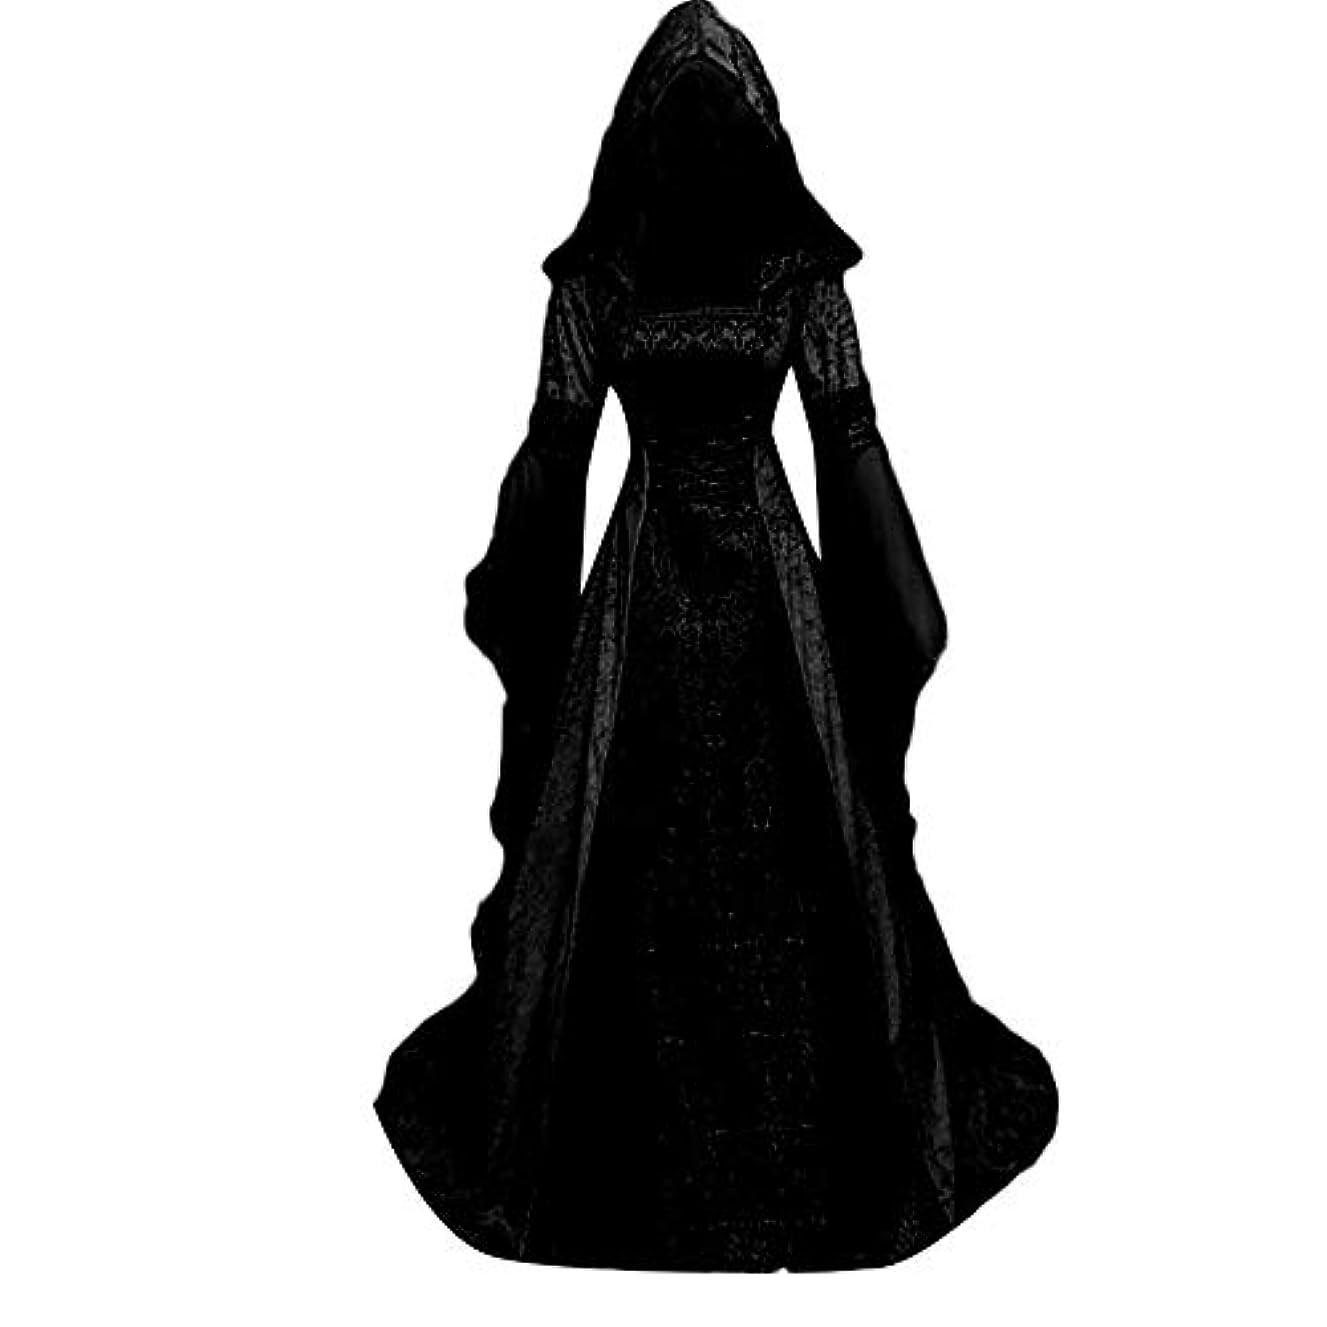 提唱するヒロイン海峡ひもワンピース お姫様 貴族風 きれいめ エレガントドレス Huliyun ドレス ステージ衣装 レディース 洋服 ヨーロッパ風 結婚式 パーティードレス 余興 コスプレ 魔女 ウェディングドレス